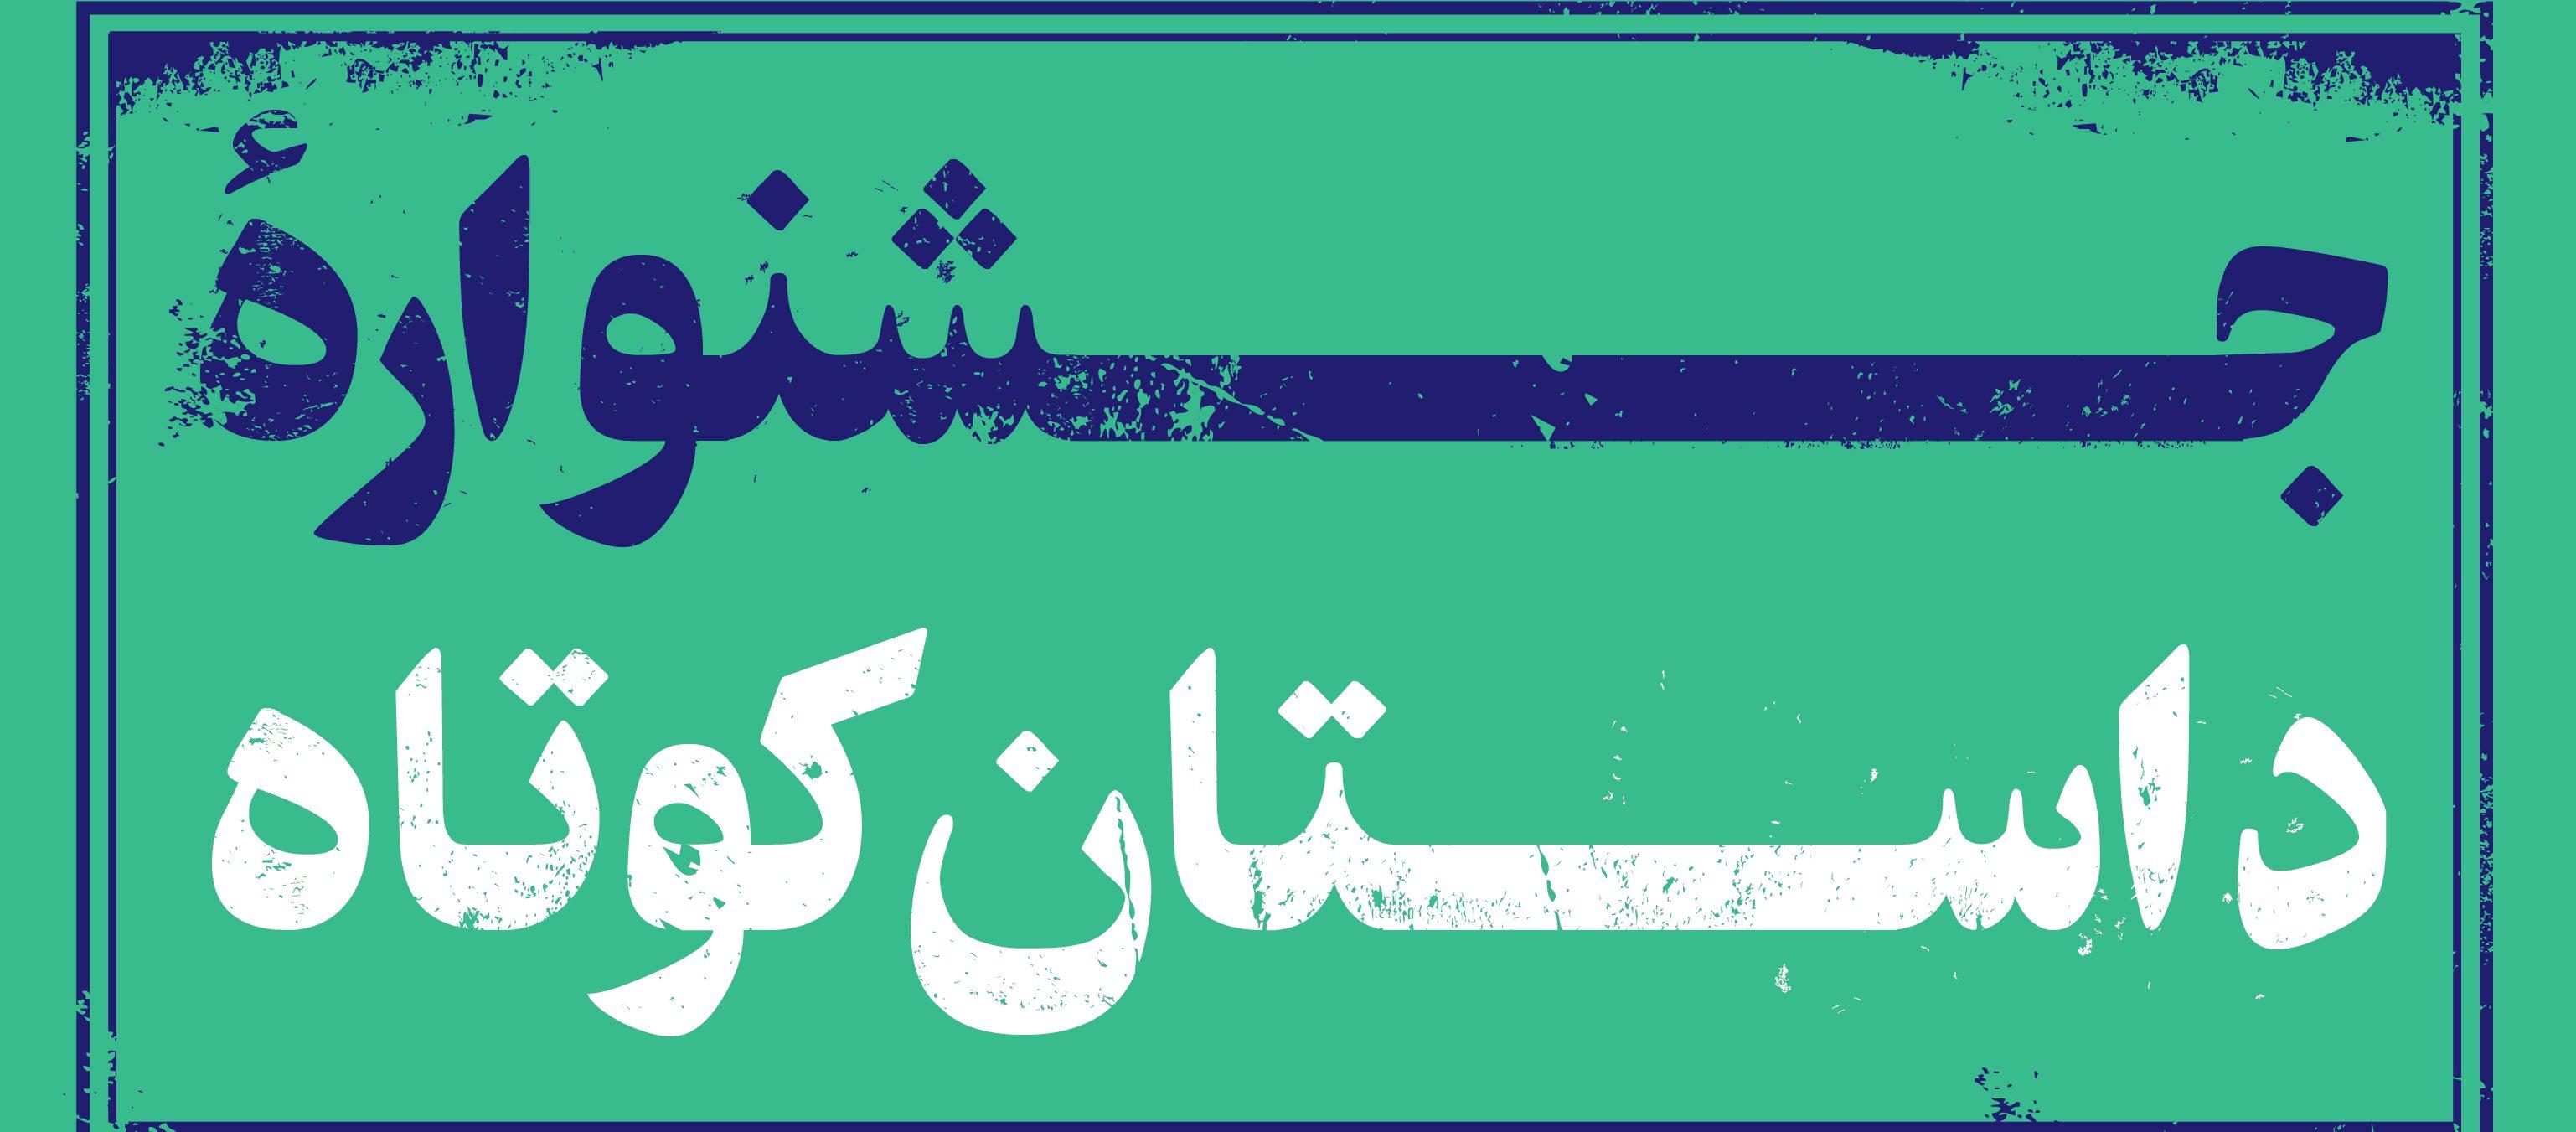 جشنواره داستان کوتاه بهاران